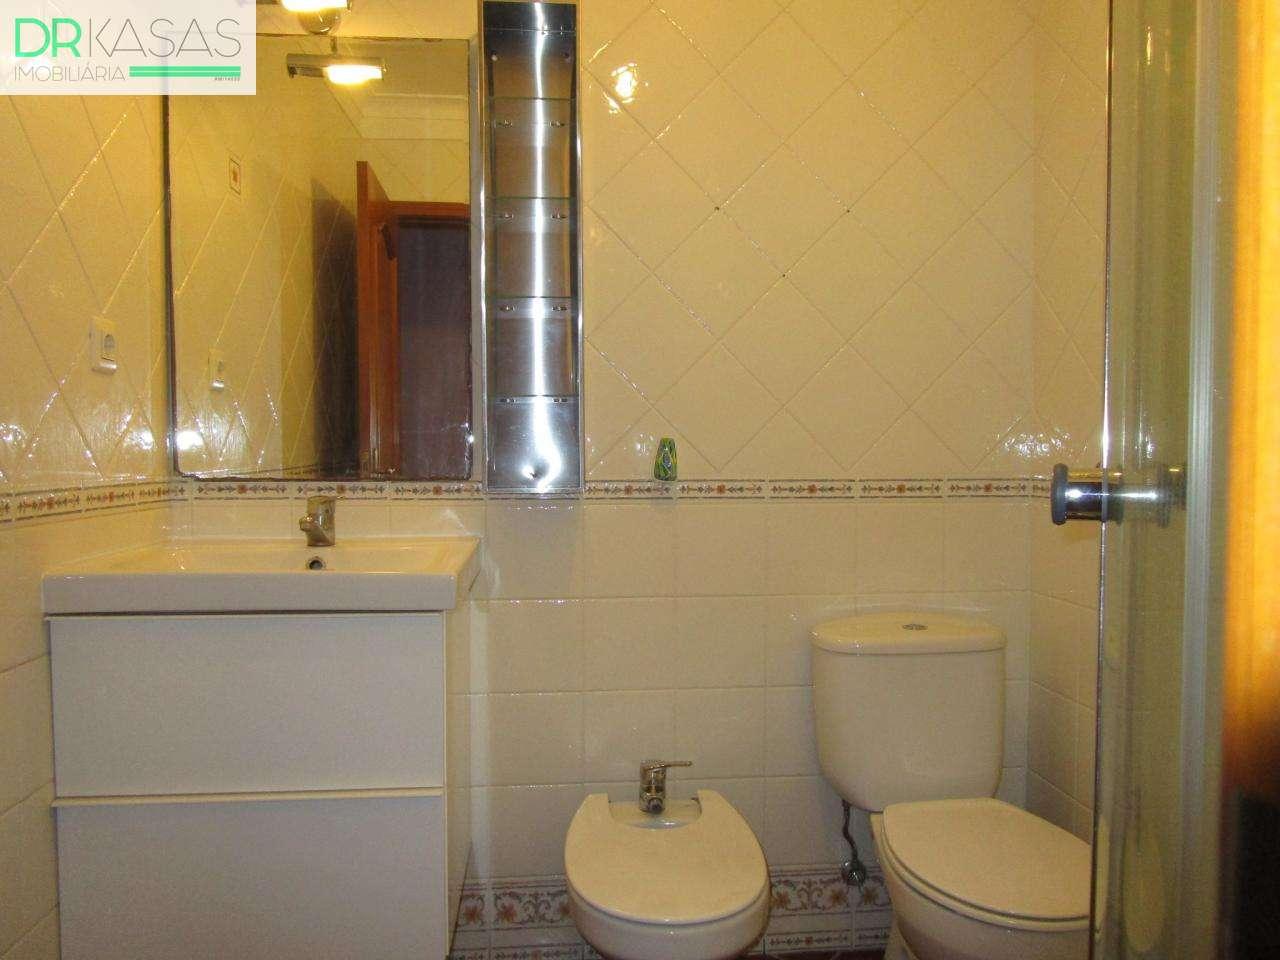 Apartamento para comprar, Barreiro e Lavradio, Barreiro, Setúbal - Foto 16